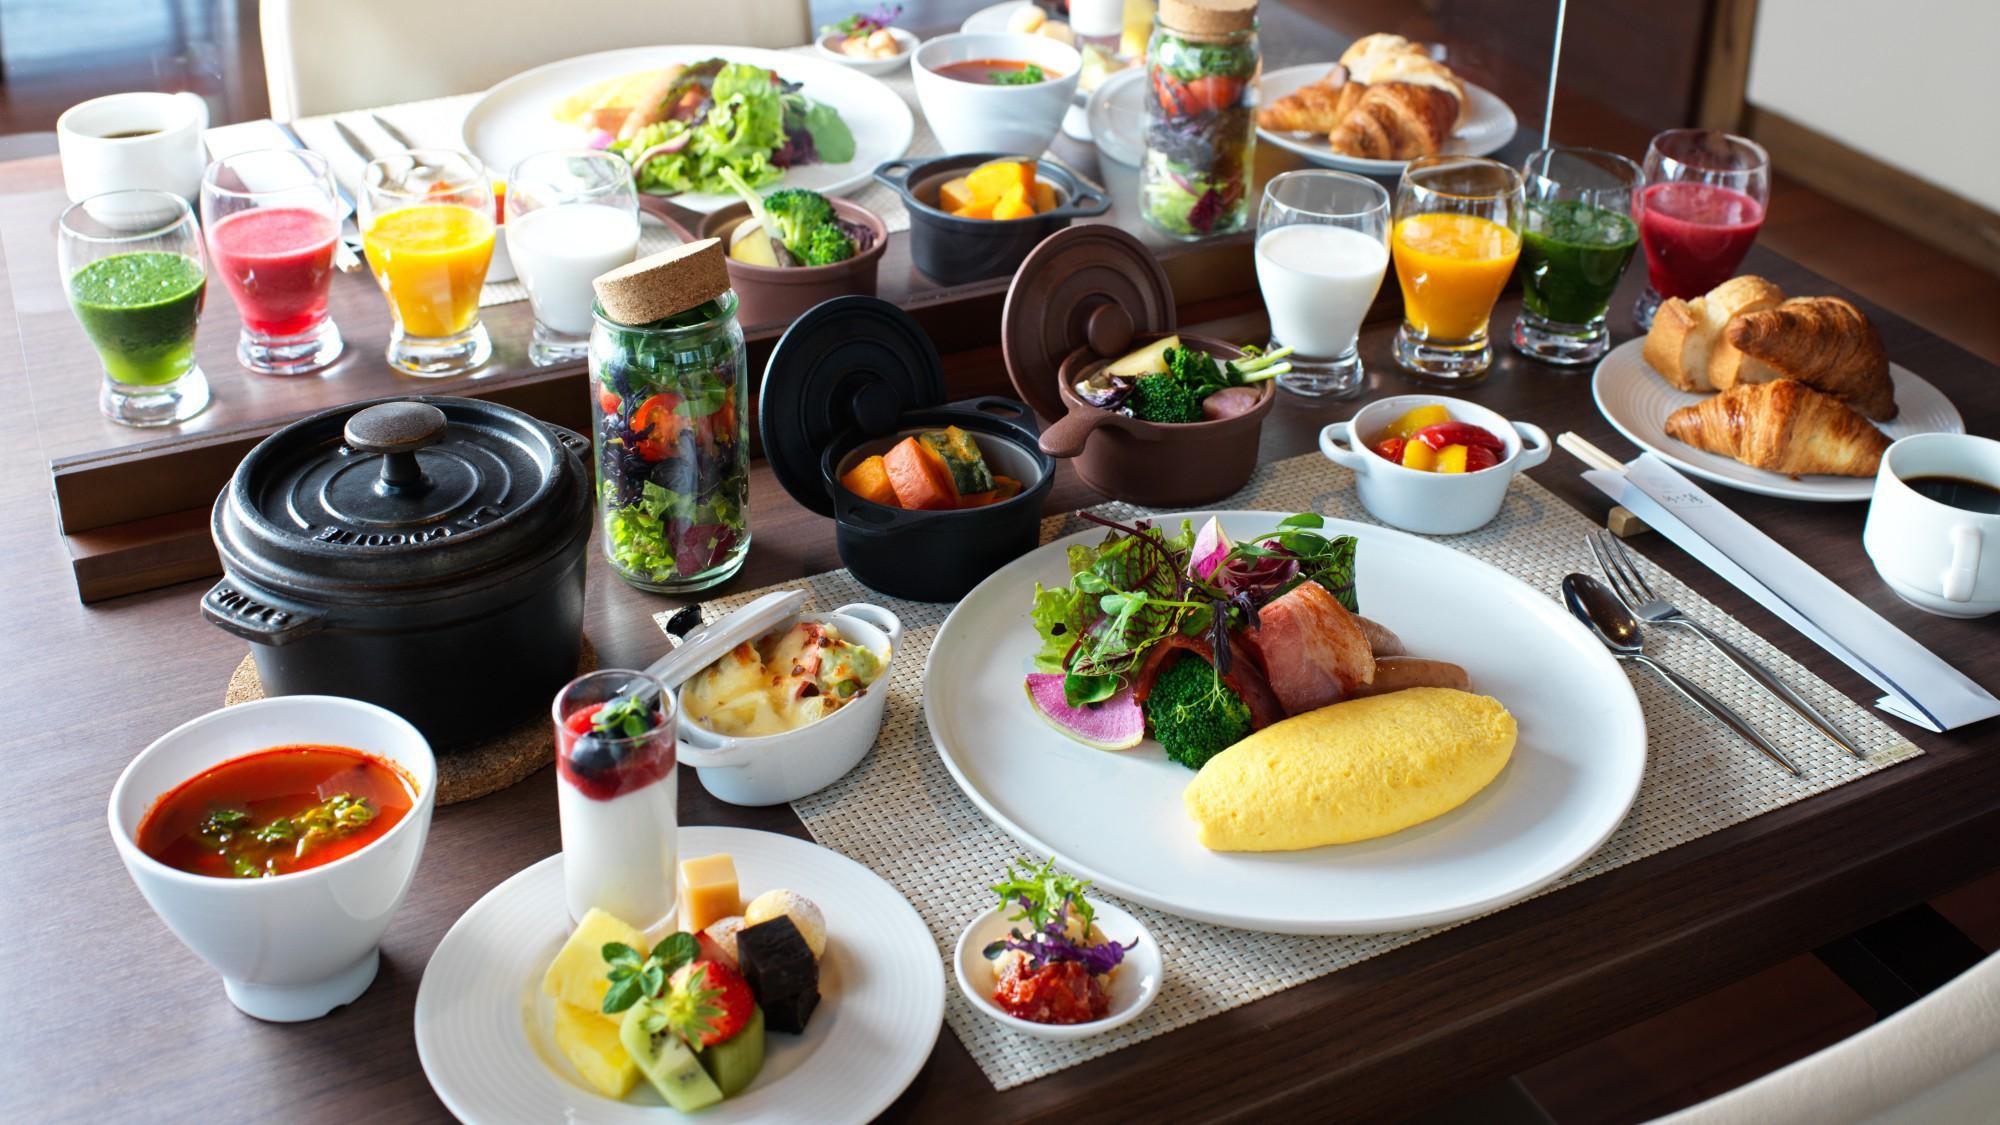 ◆朝食ビュッフェ一例/爽やかな朝には色とりどりの朝食ビュッフェを